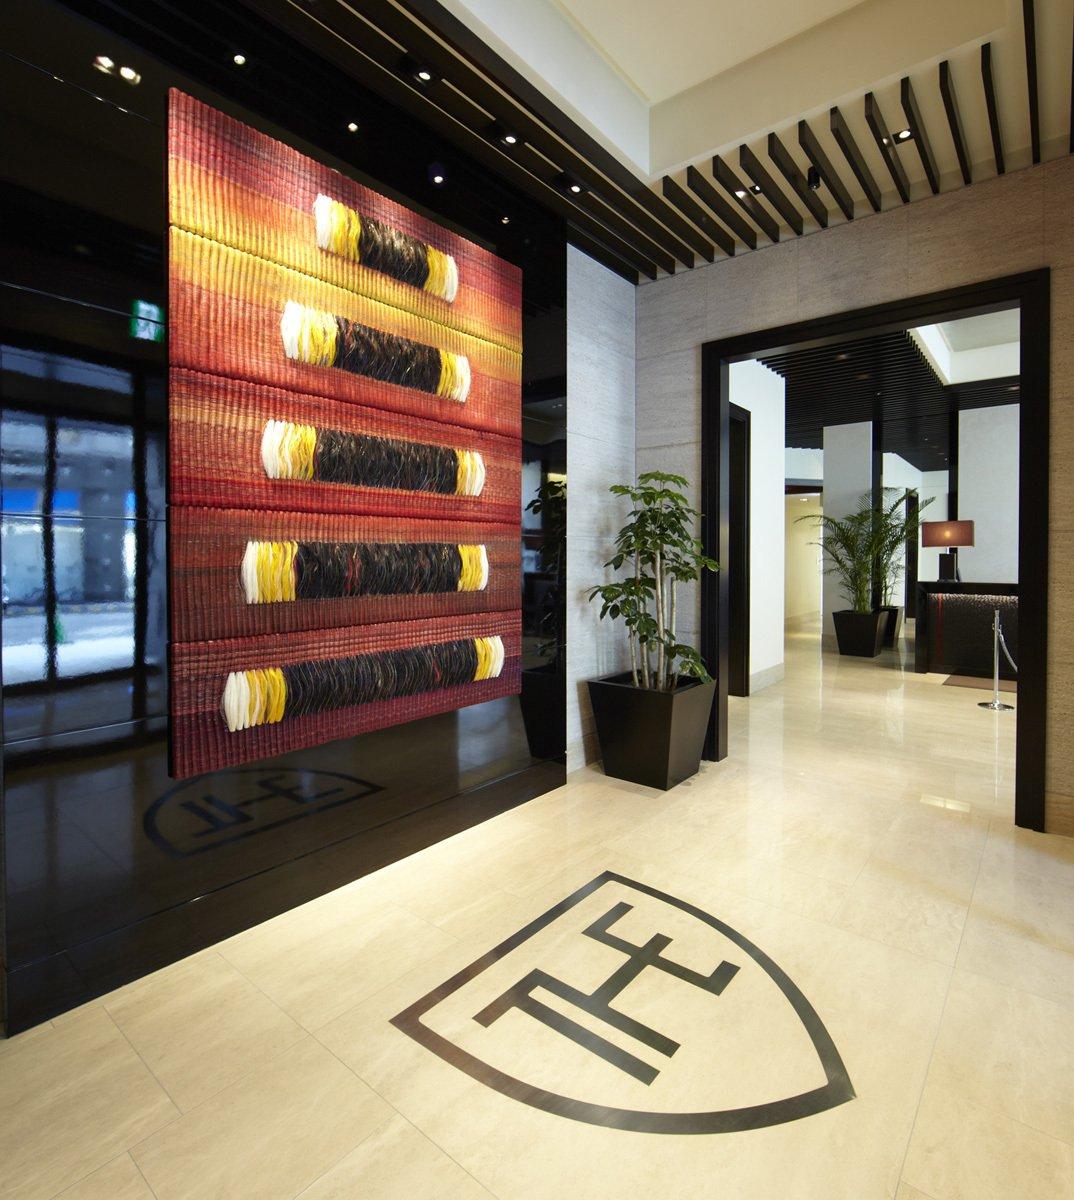 開業5年、福岡で早くも人気上位を獲得のホテルを常宿として確保Vol.24 【連載】出張で使いたい!ラグジュアリーなコスパ宿